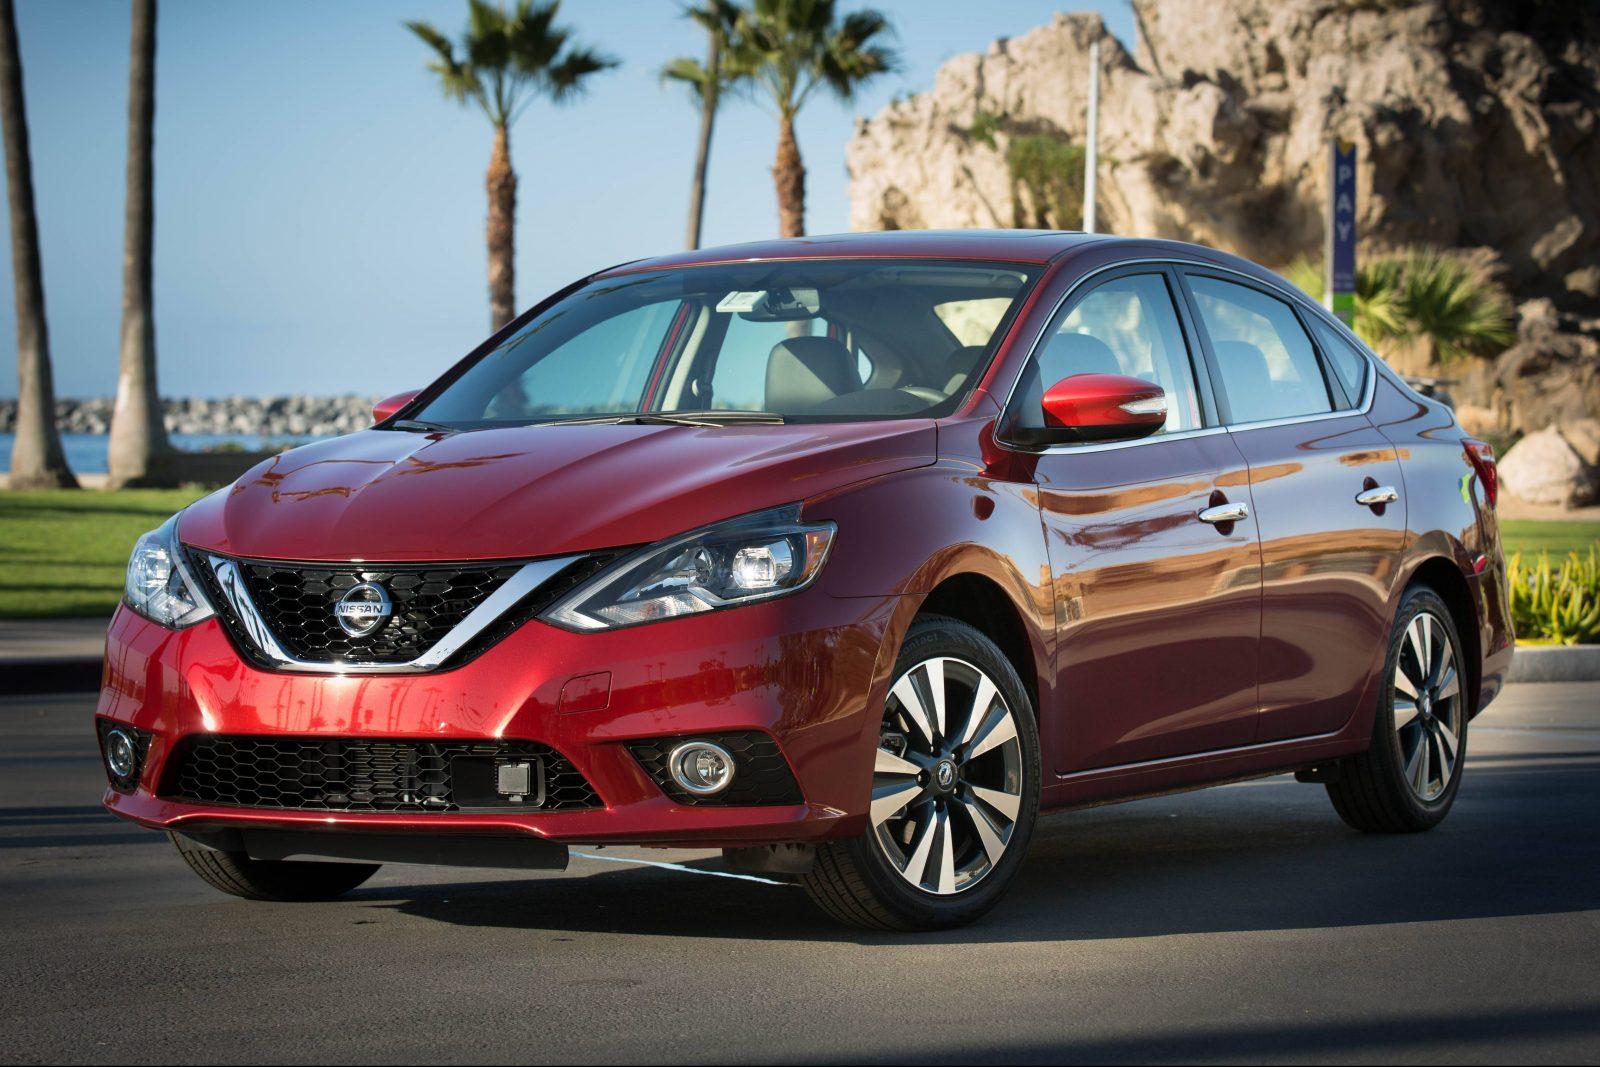 Nissan Sentra 2019 Tem Aumento De Preco E Central Multimidia Do March Quatro Rodas